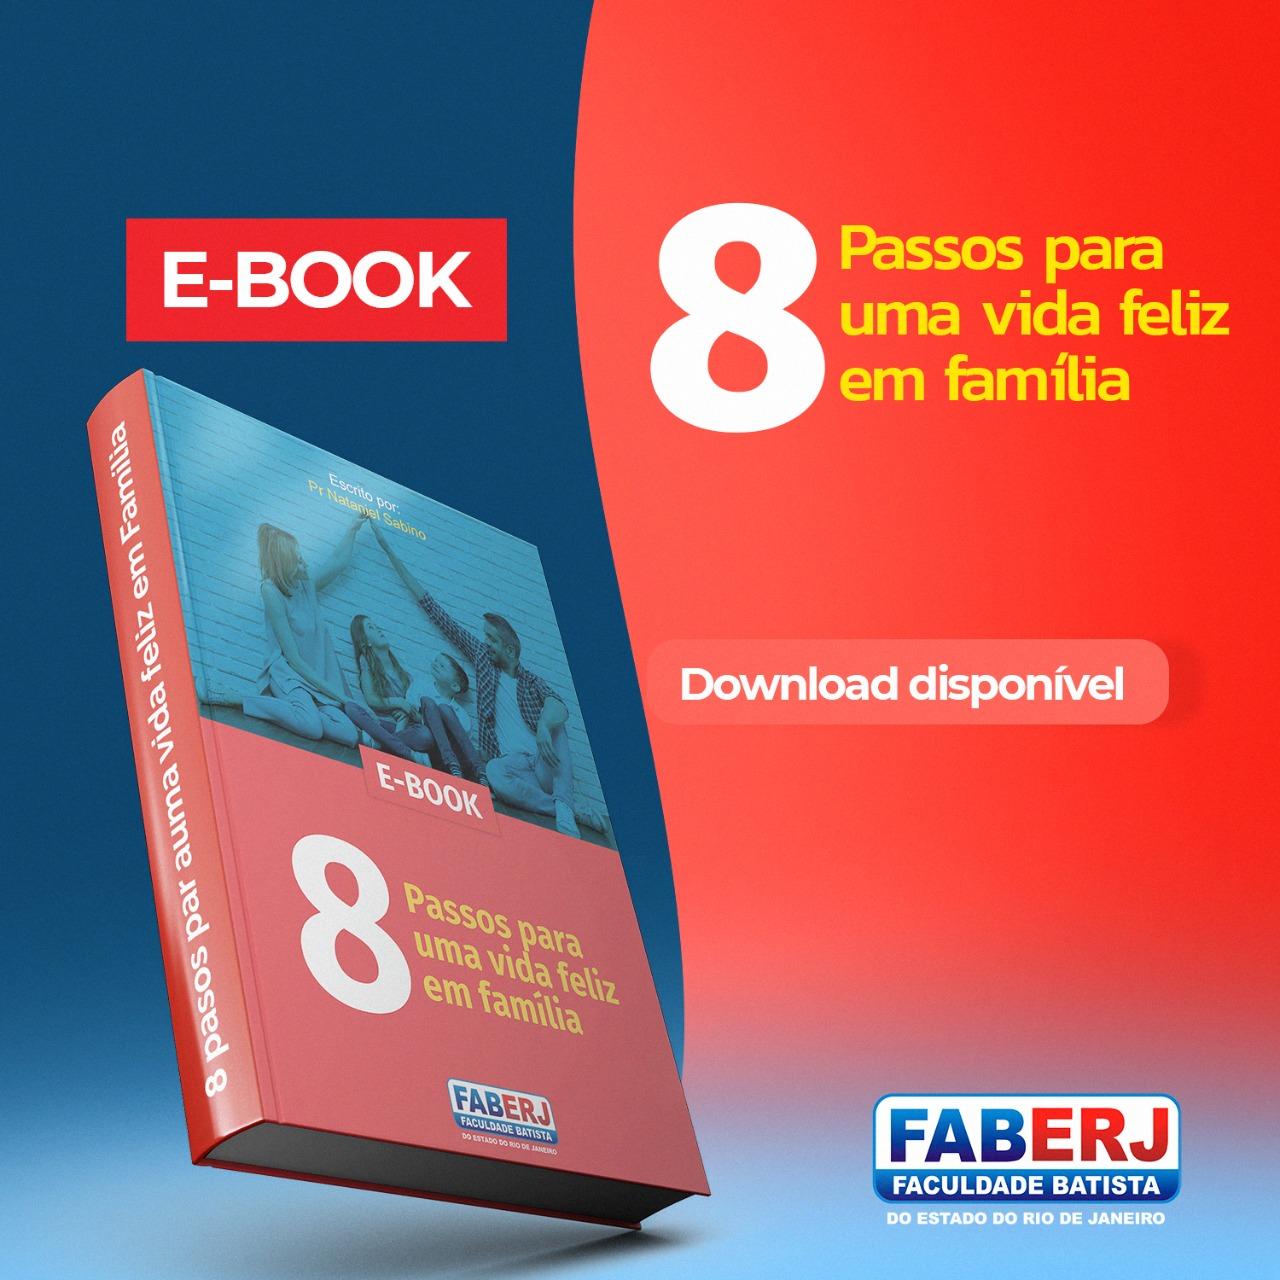 E-book 8 Passos para uma vida feliz em família